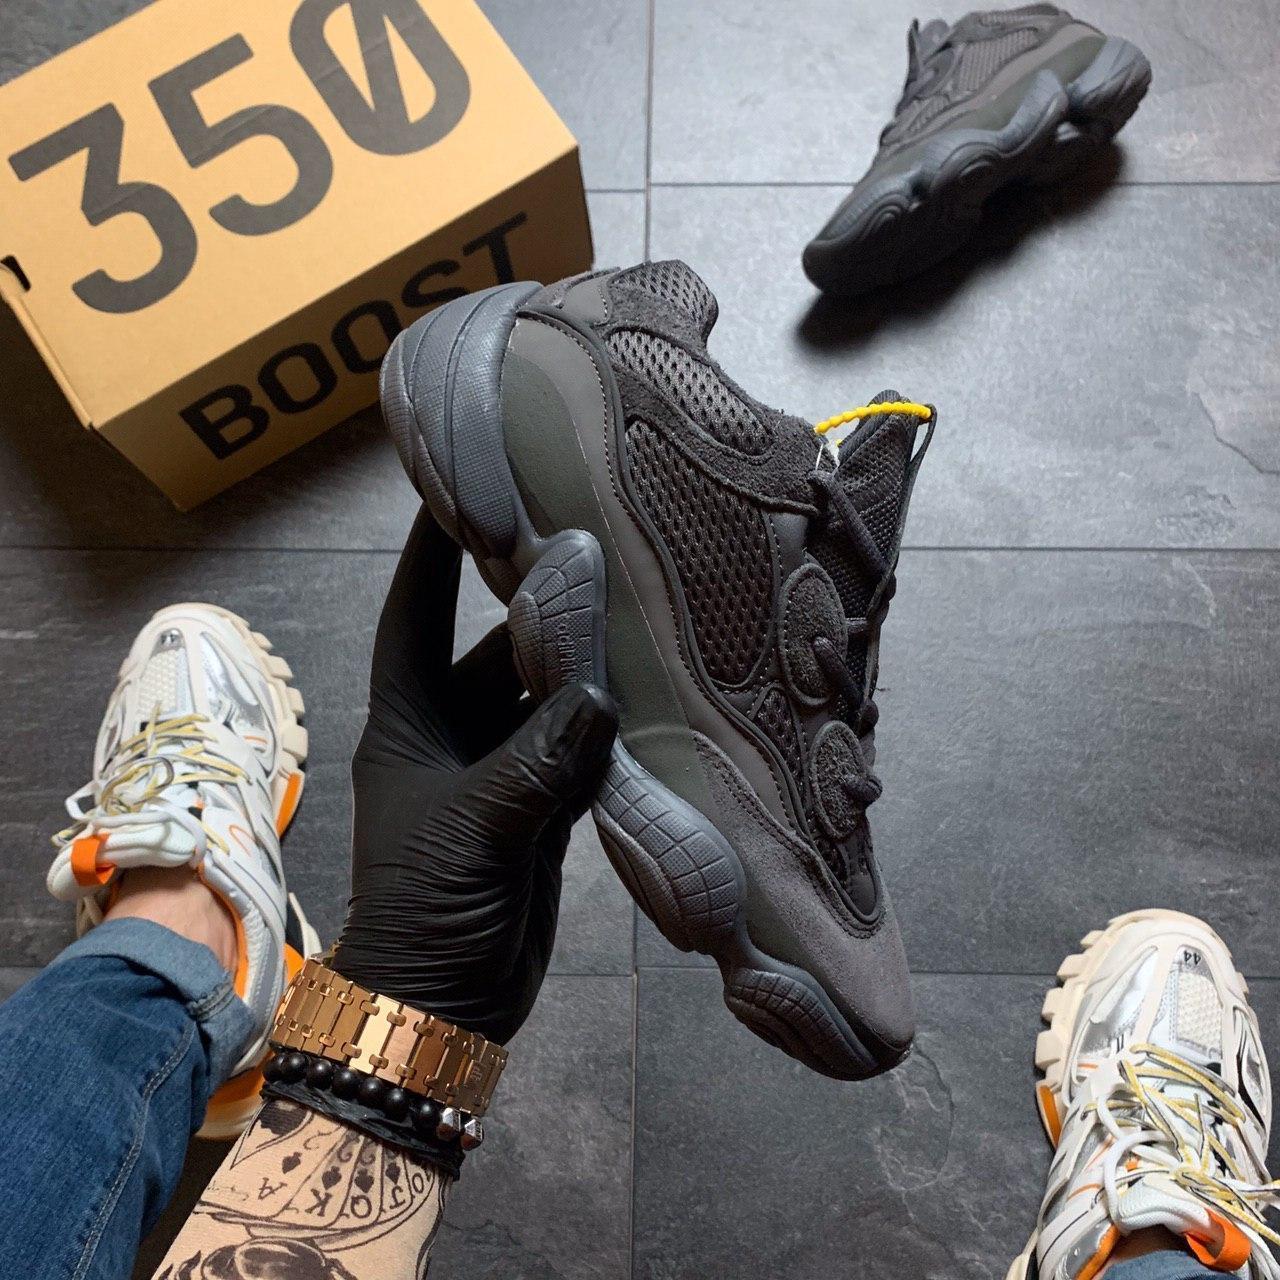 Мужские кроссовки Adidas Yeezy 500 Utility Black, Мужские кроссовки Адидас Изи Буст 500 черные рефлект.